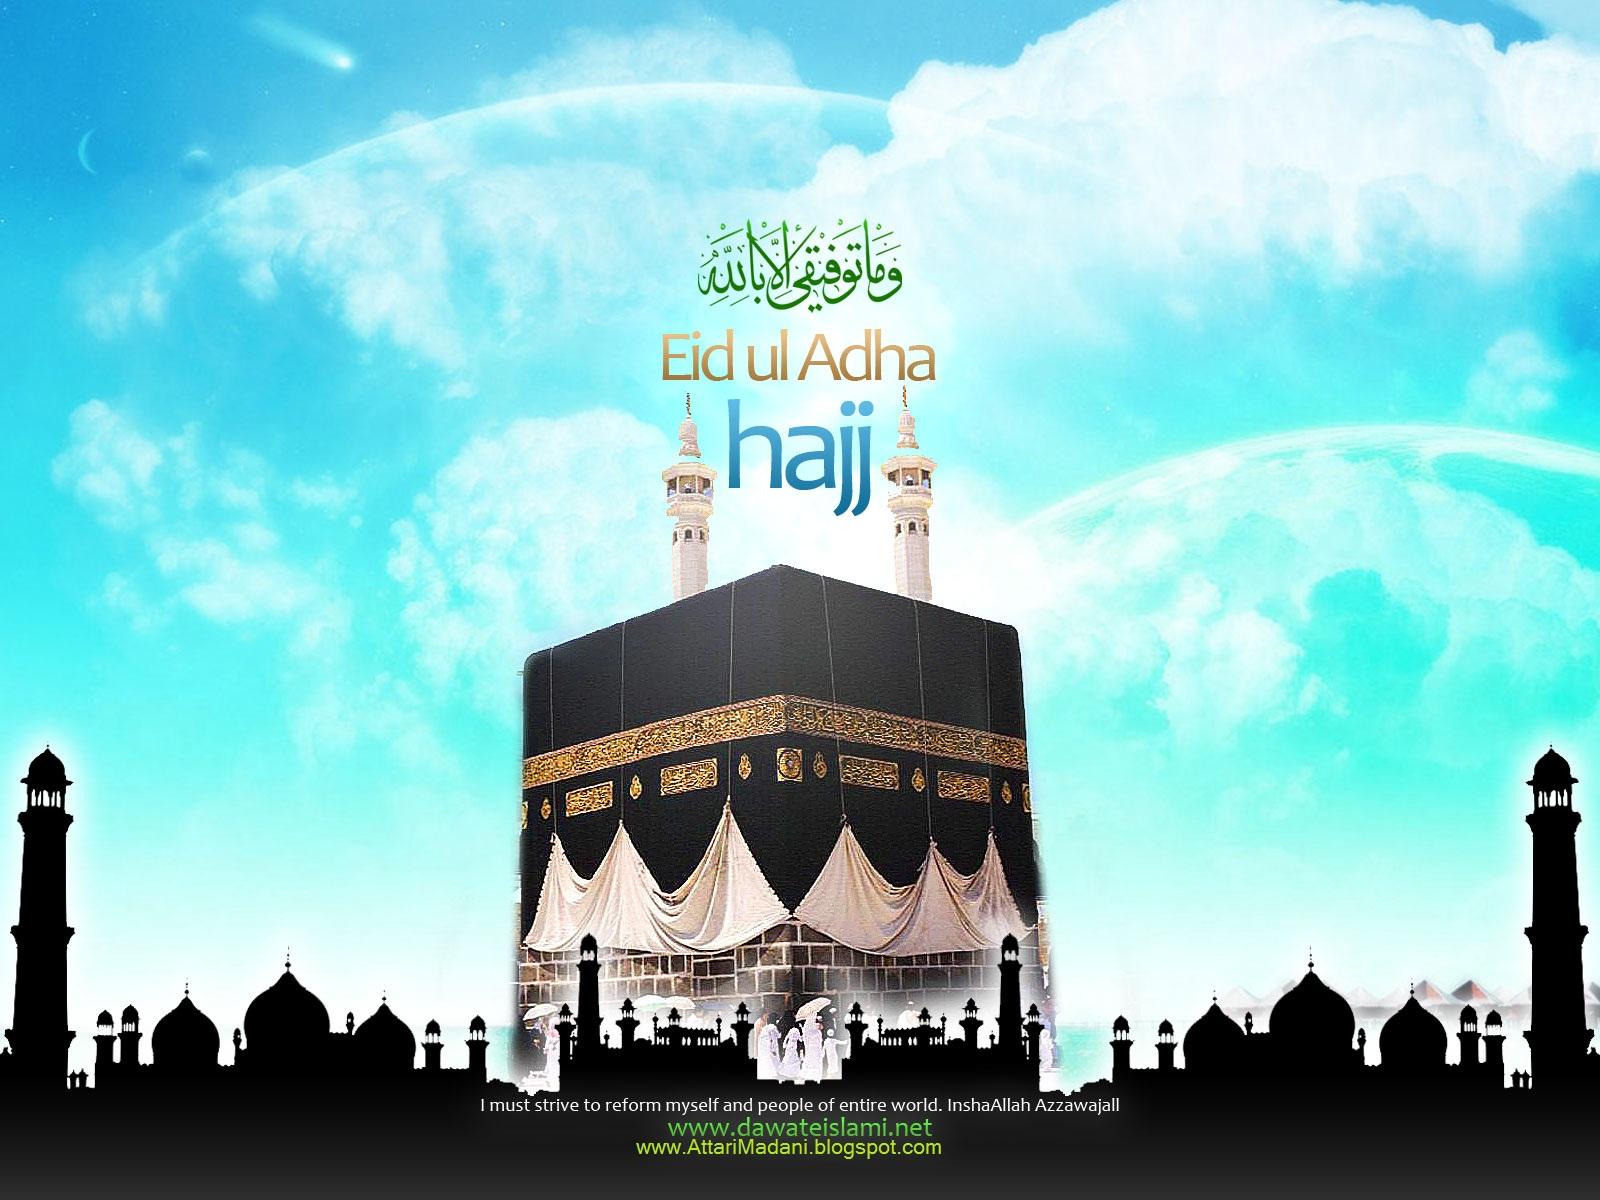 http://1.bp.blogspot.com/-206Jc7Dpey0/ToQTLFOdMJI/AAAAAAAAAlo/qNLAj88VgR4/s1600/Hajj-And-Eid-Adha-Wallpaper-Dawat-e-Islami-8.jpg